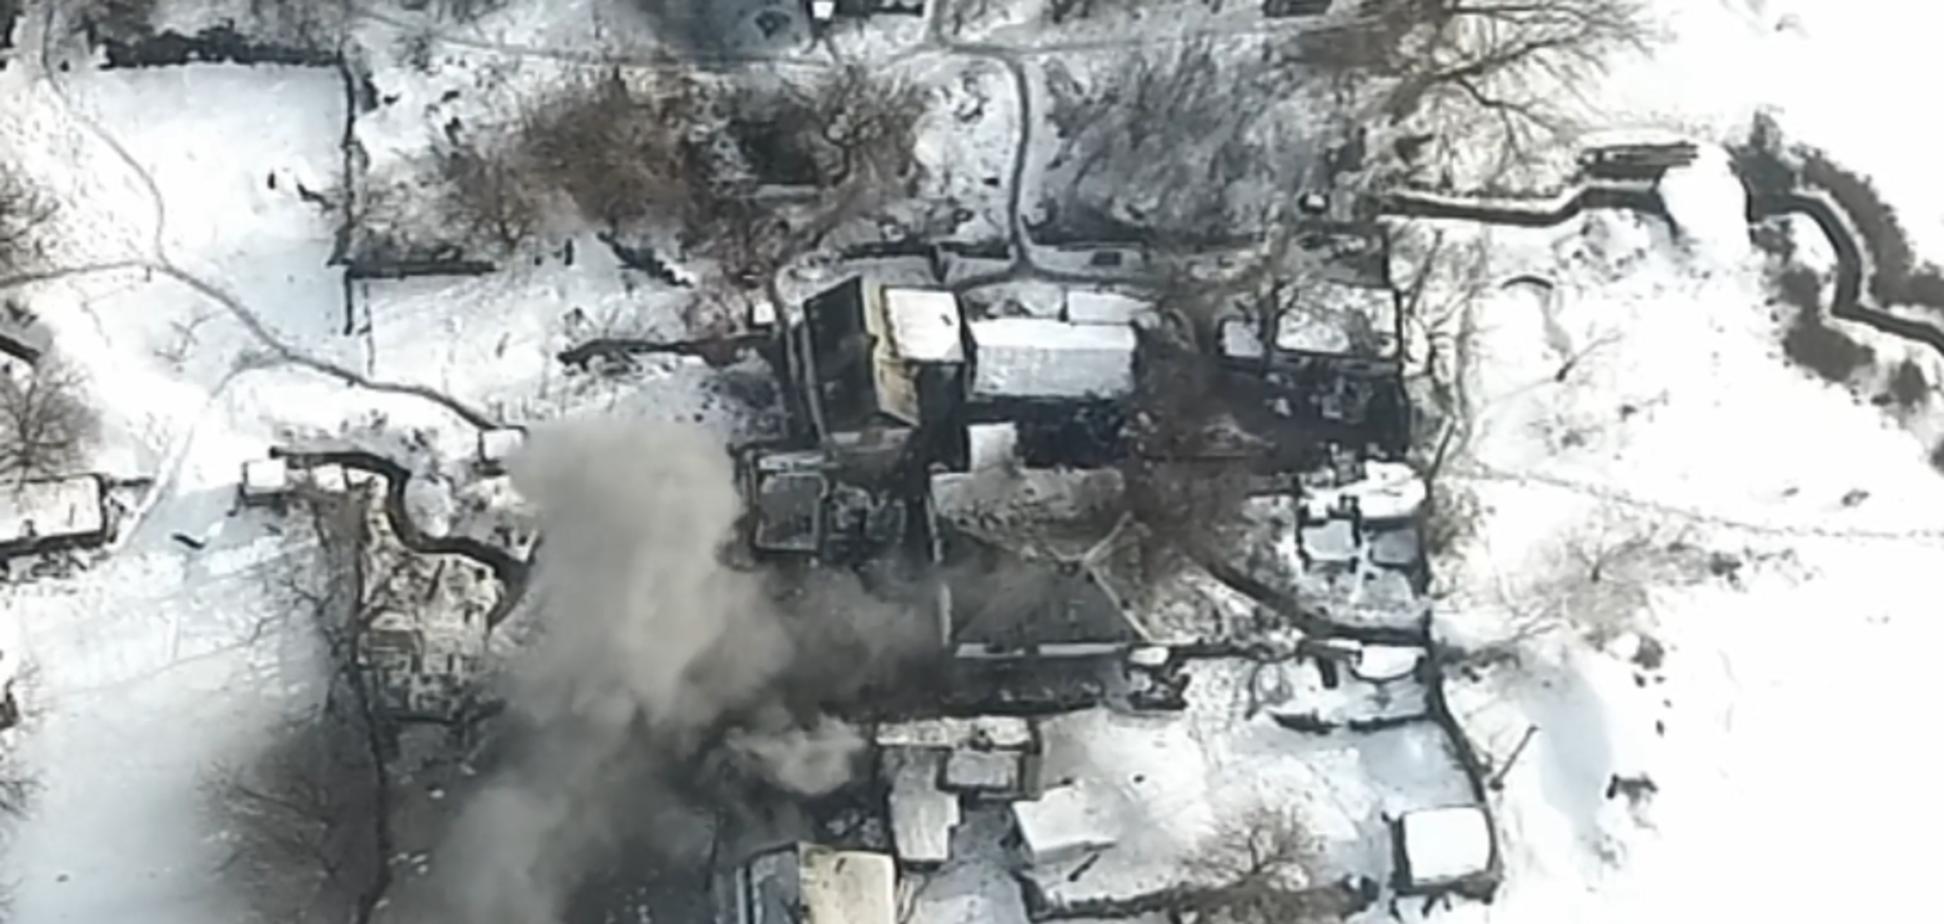 Убитые, раненые и потеря техники: появилось видео мощного удара ВСУ по оккупантам